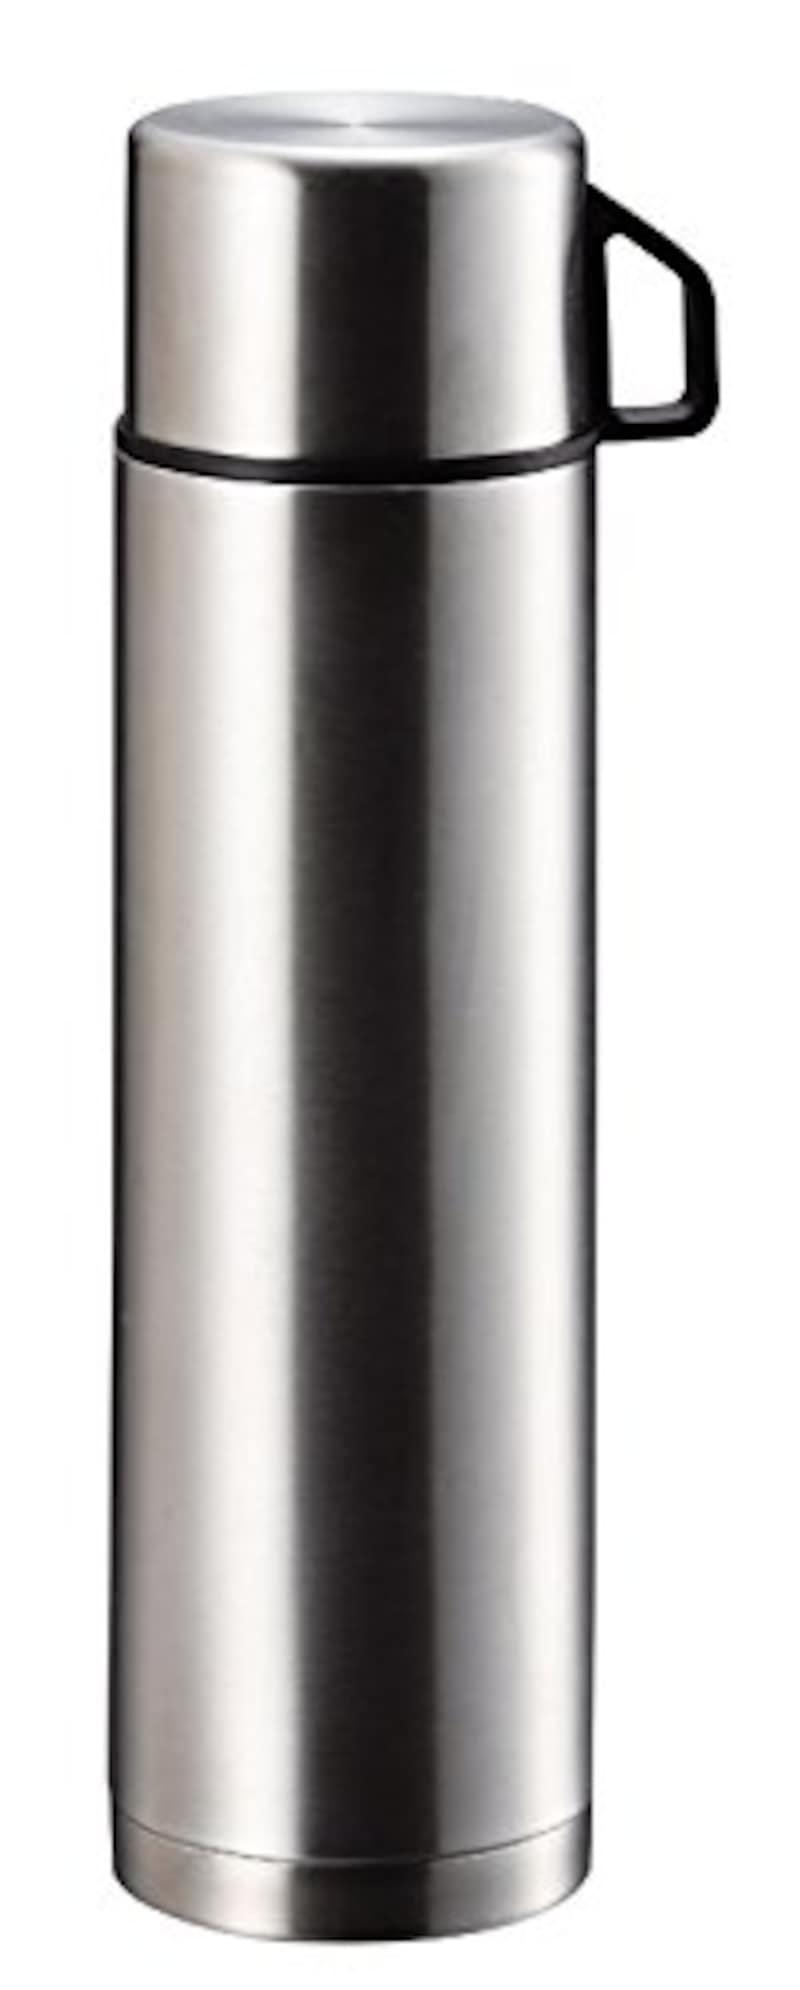 パール金属,ダブル ステンレスボトル スタイルベーシック コップ付,H-6828